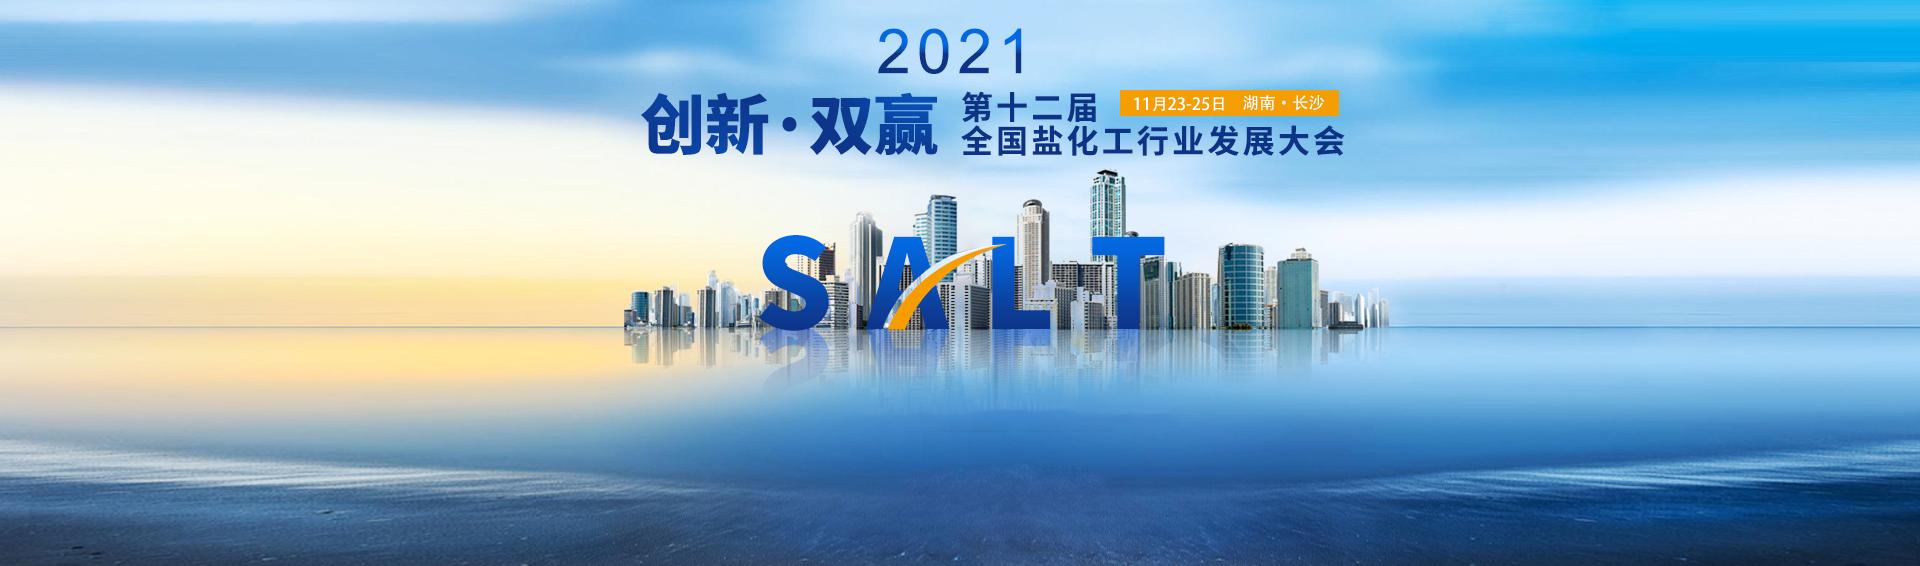 2021年第十二届全国盐化工行业发展大会